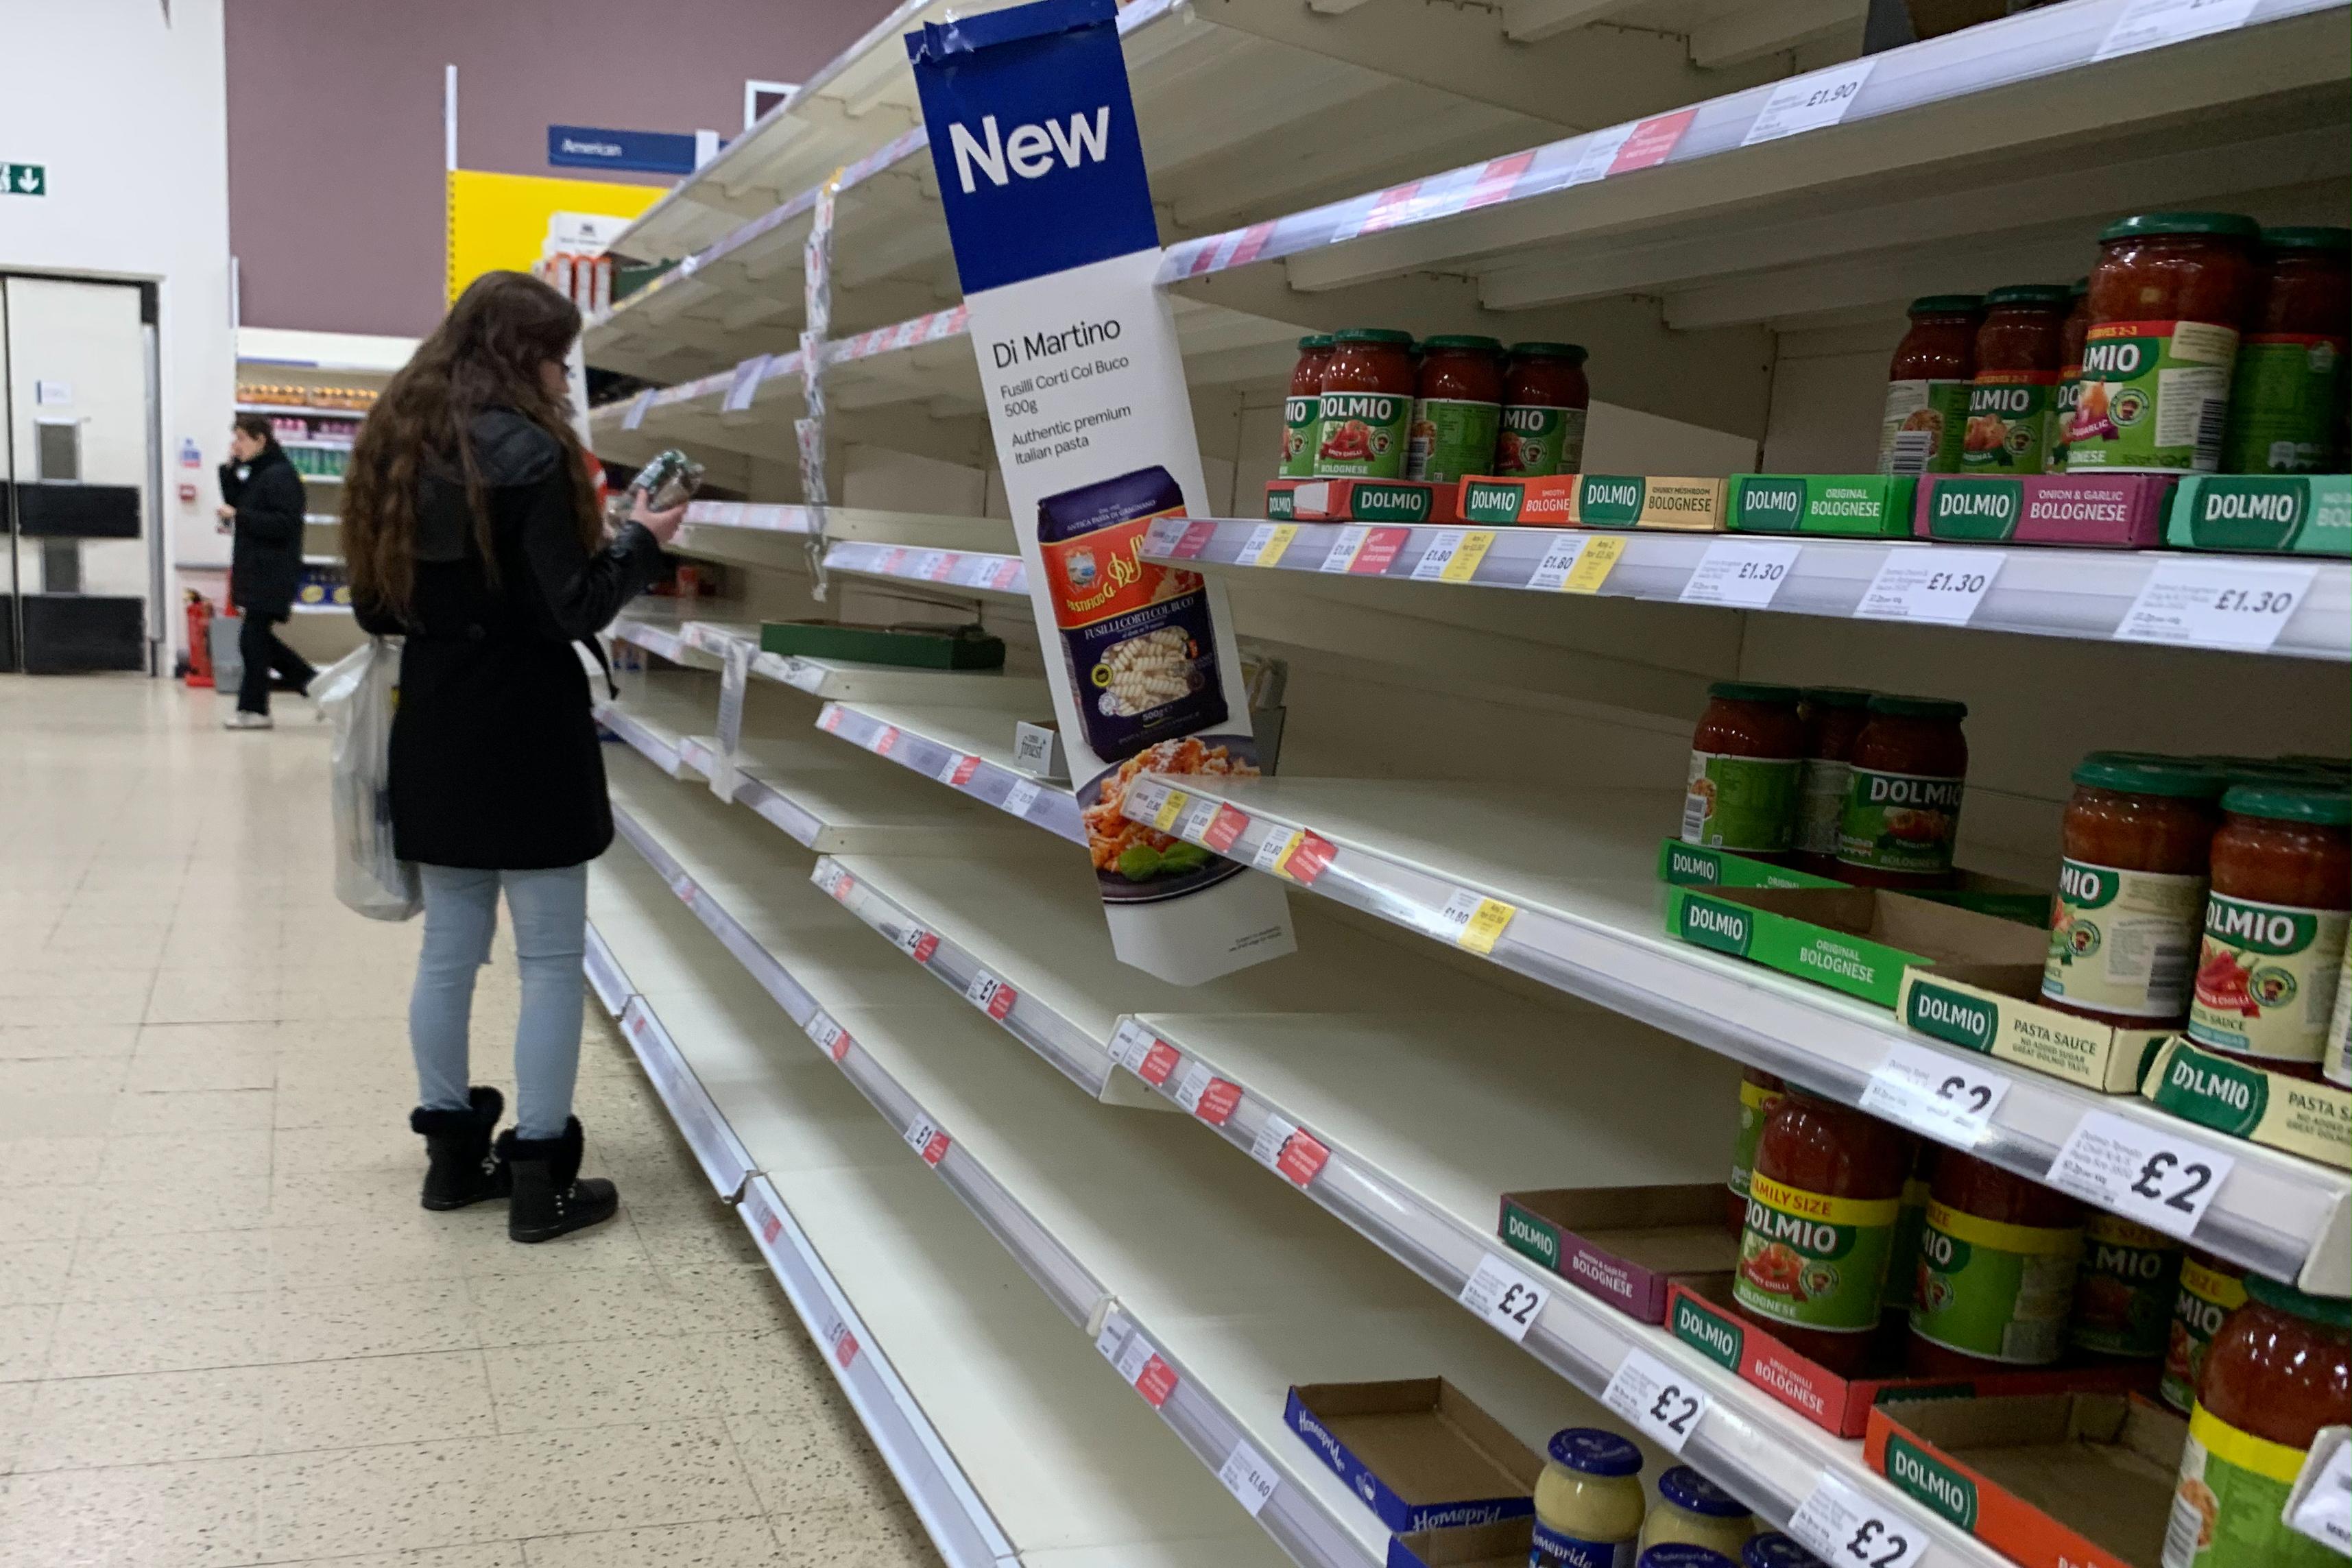 Korlátozzák a személyenként megvásárolható élelmiszer mennyiségét a brit szupermarketekben